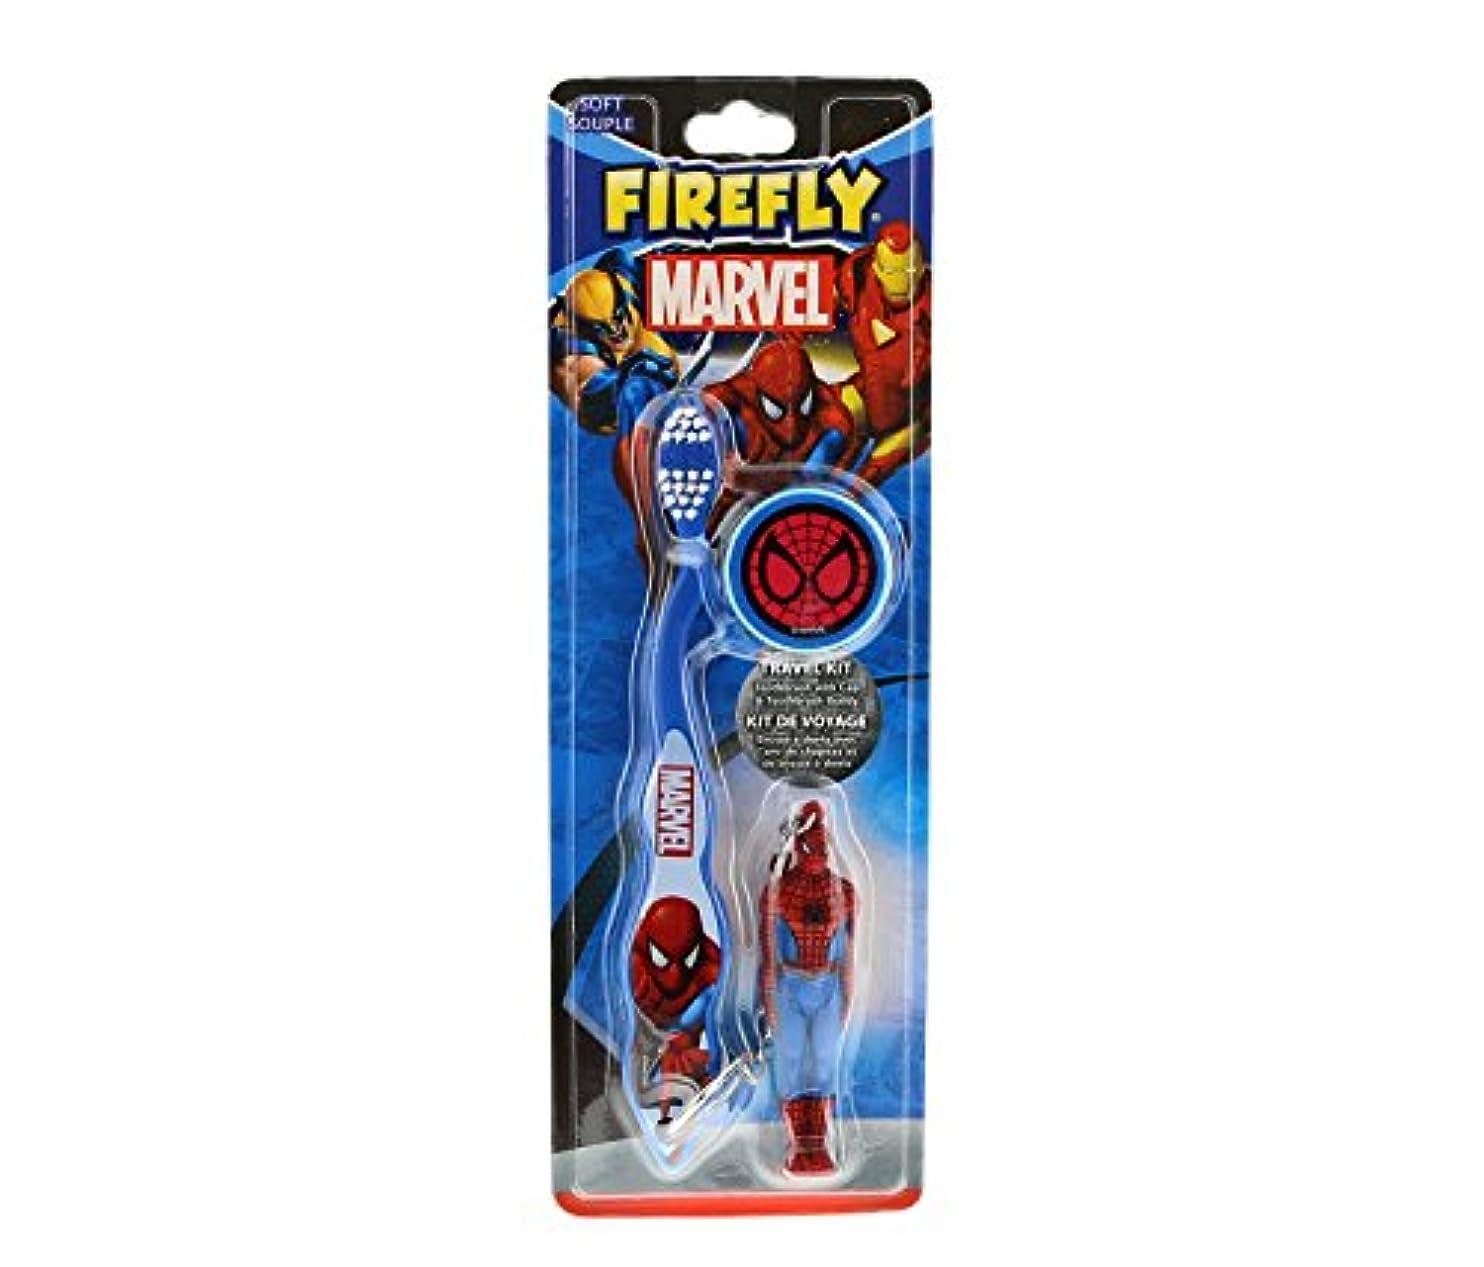 バウンス怒り危険にさらされているMARVEL HEROES フィギュア付き 歯ブラシ スパイダーマン